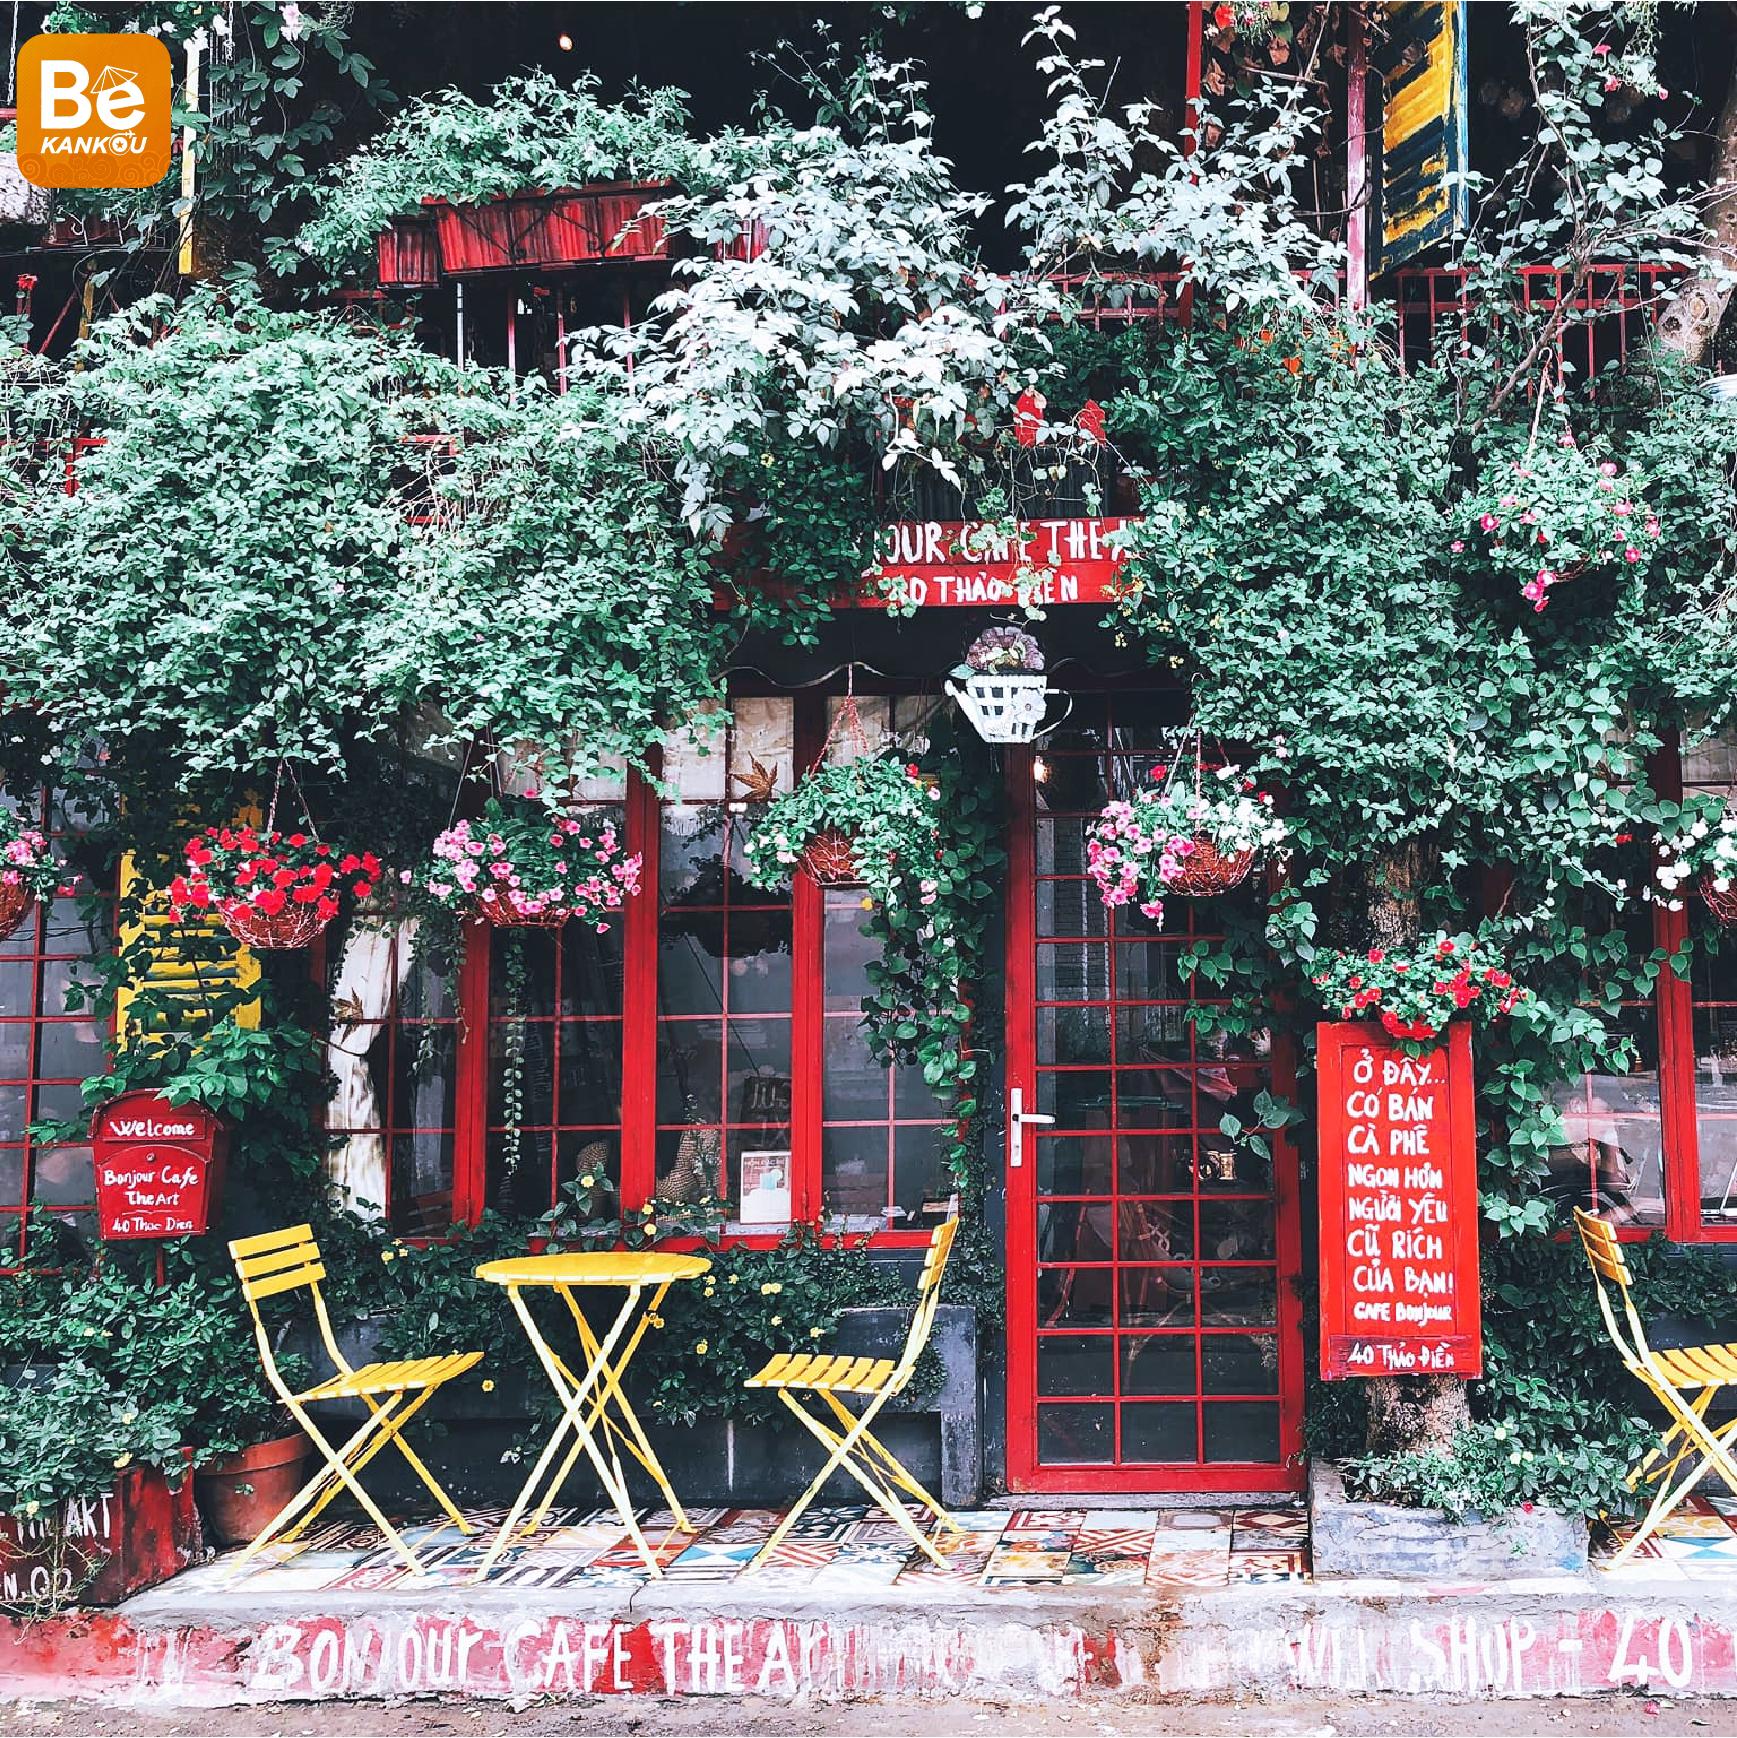 BONJOUR CAFE THE ART-サイゴンにおけるフランス国のような「百万本の花」というコーヒーショップ